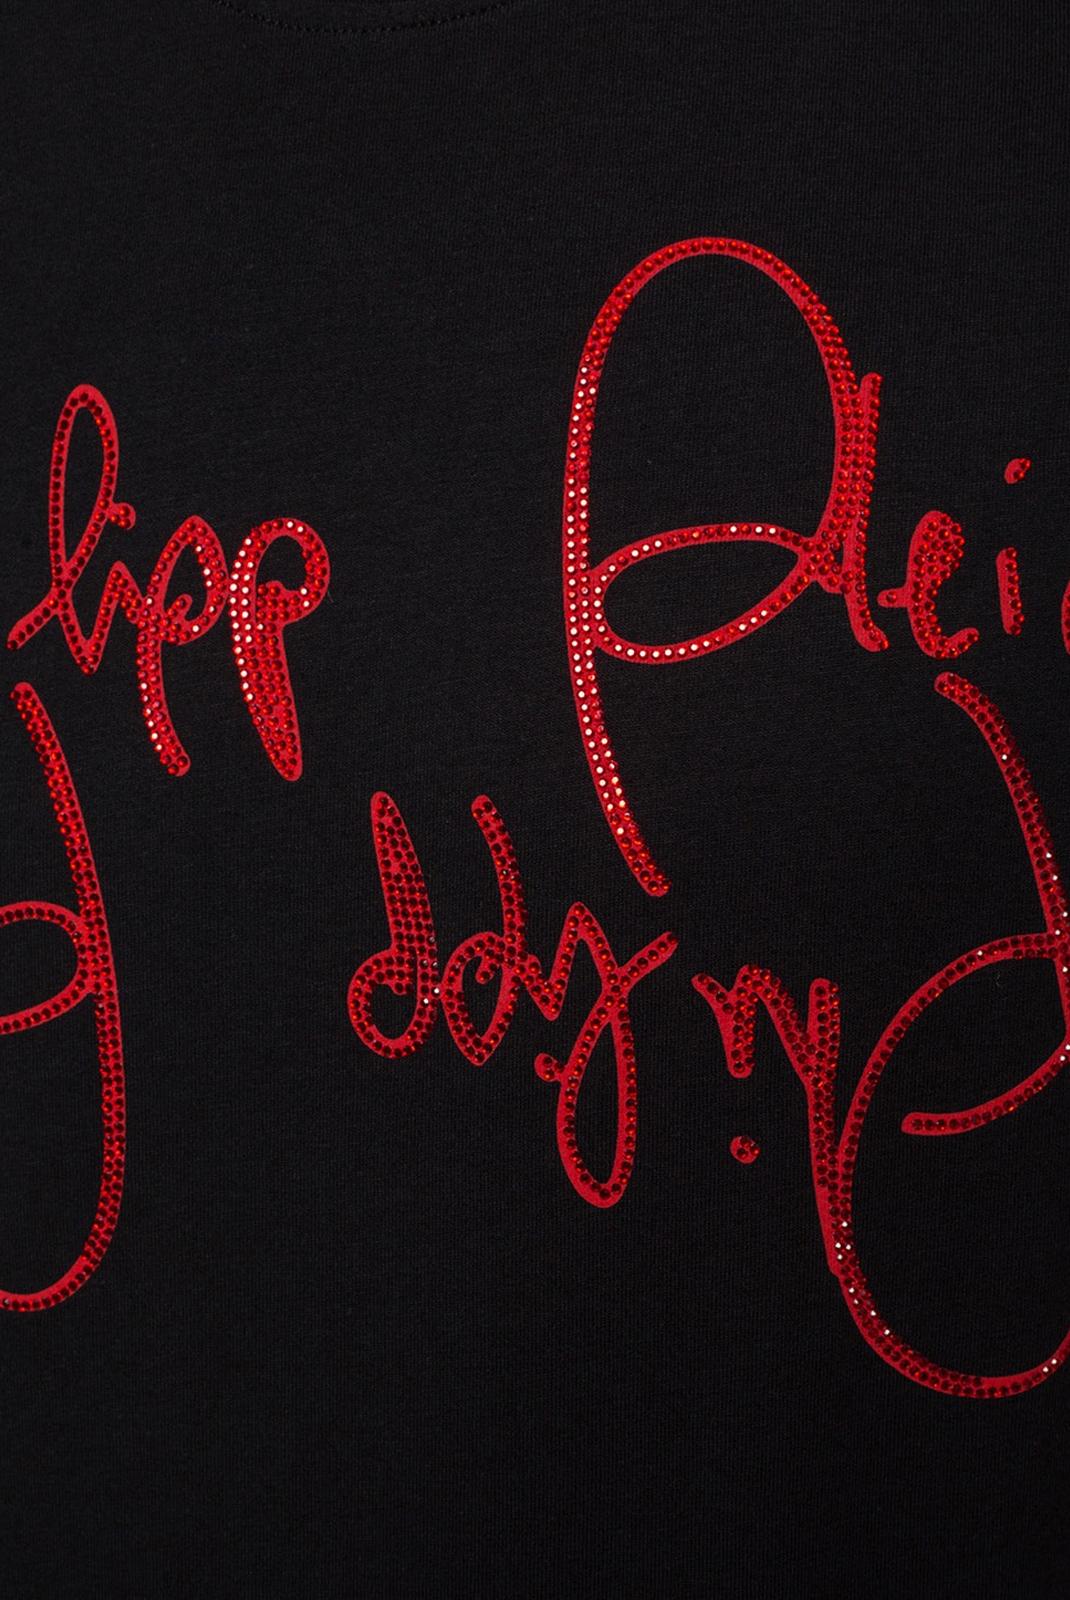 T-S manches courtes  Philipp plein MTK3873 BLACK/RED